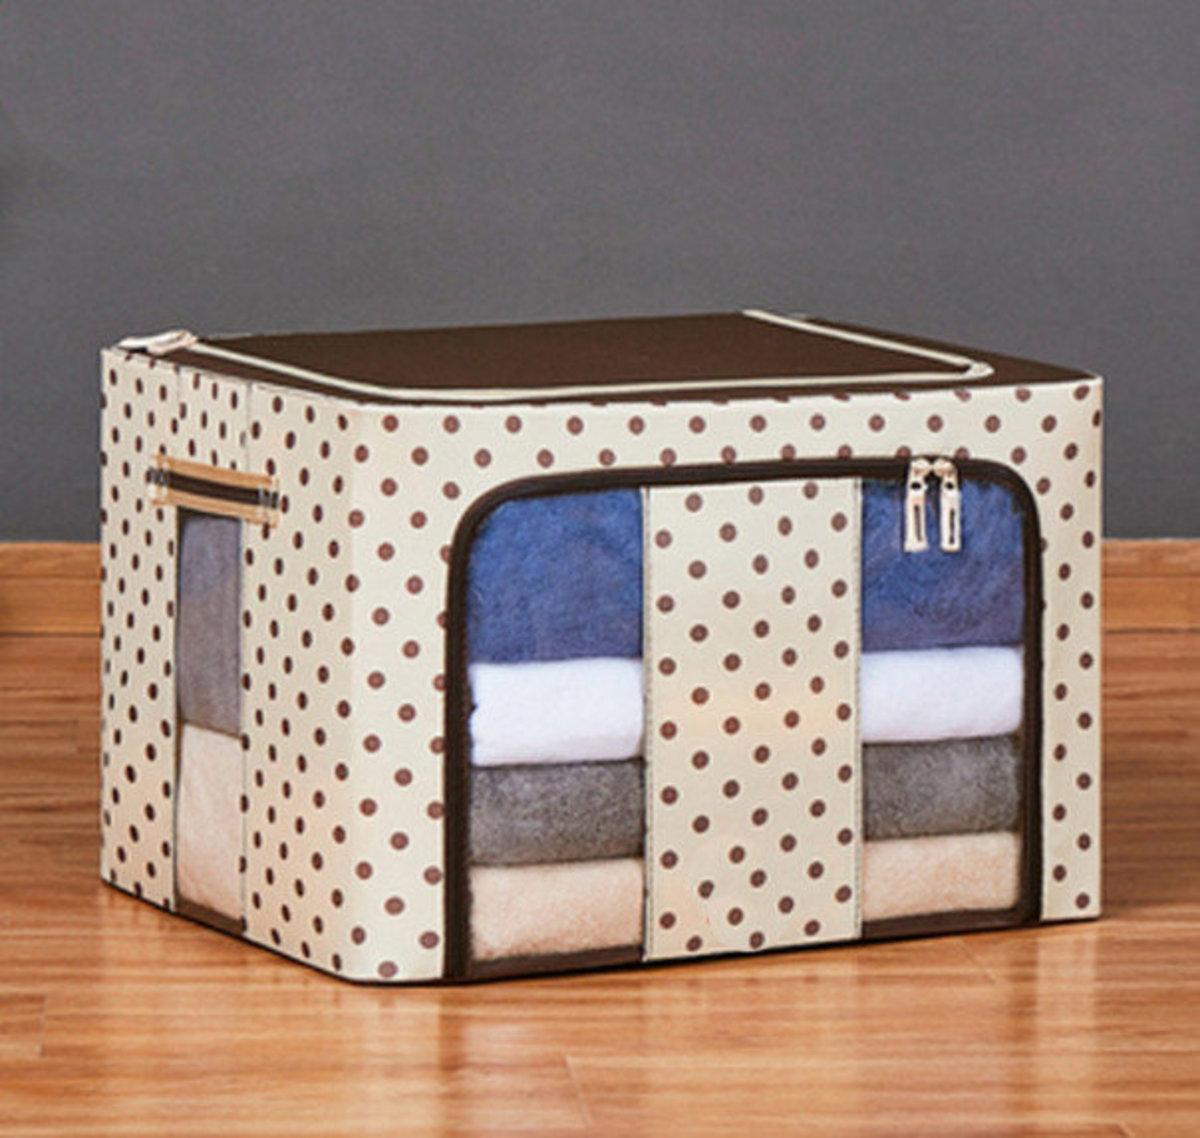 布藝棉麻圖案衣物收納箱,玩具收納箱(60*42*40cm 米色)#906_00006